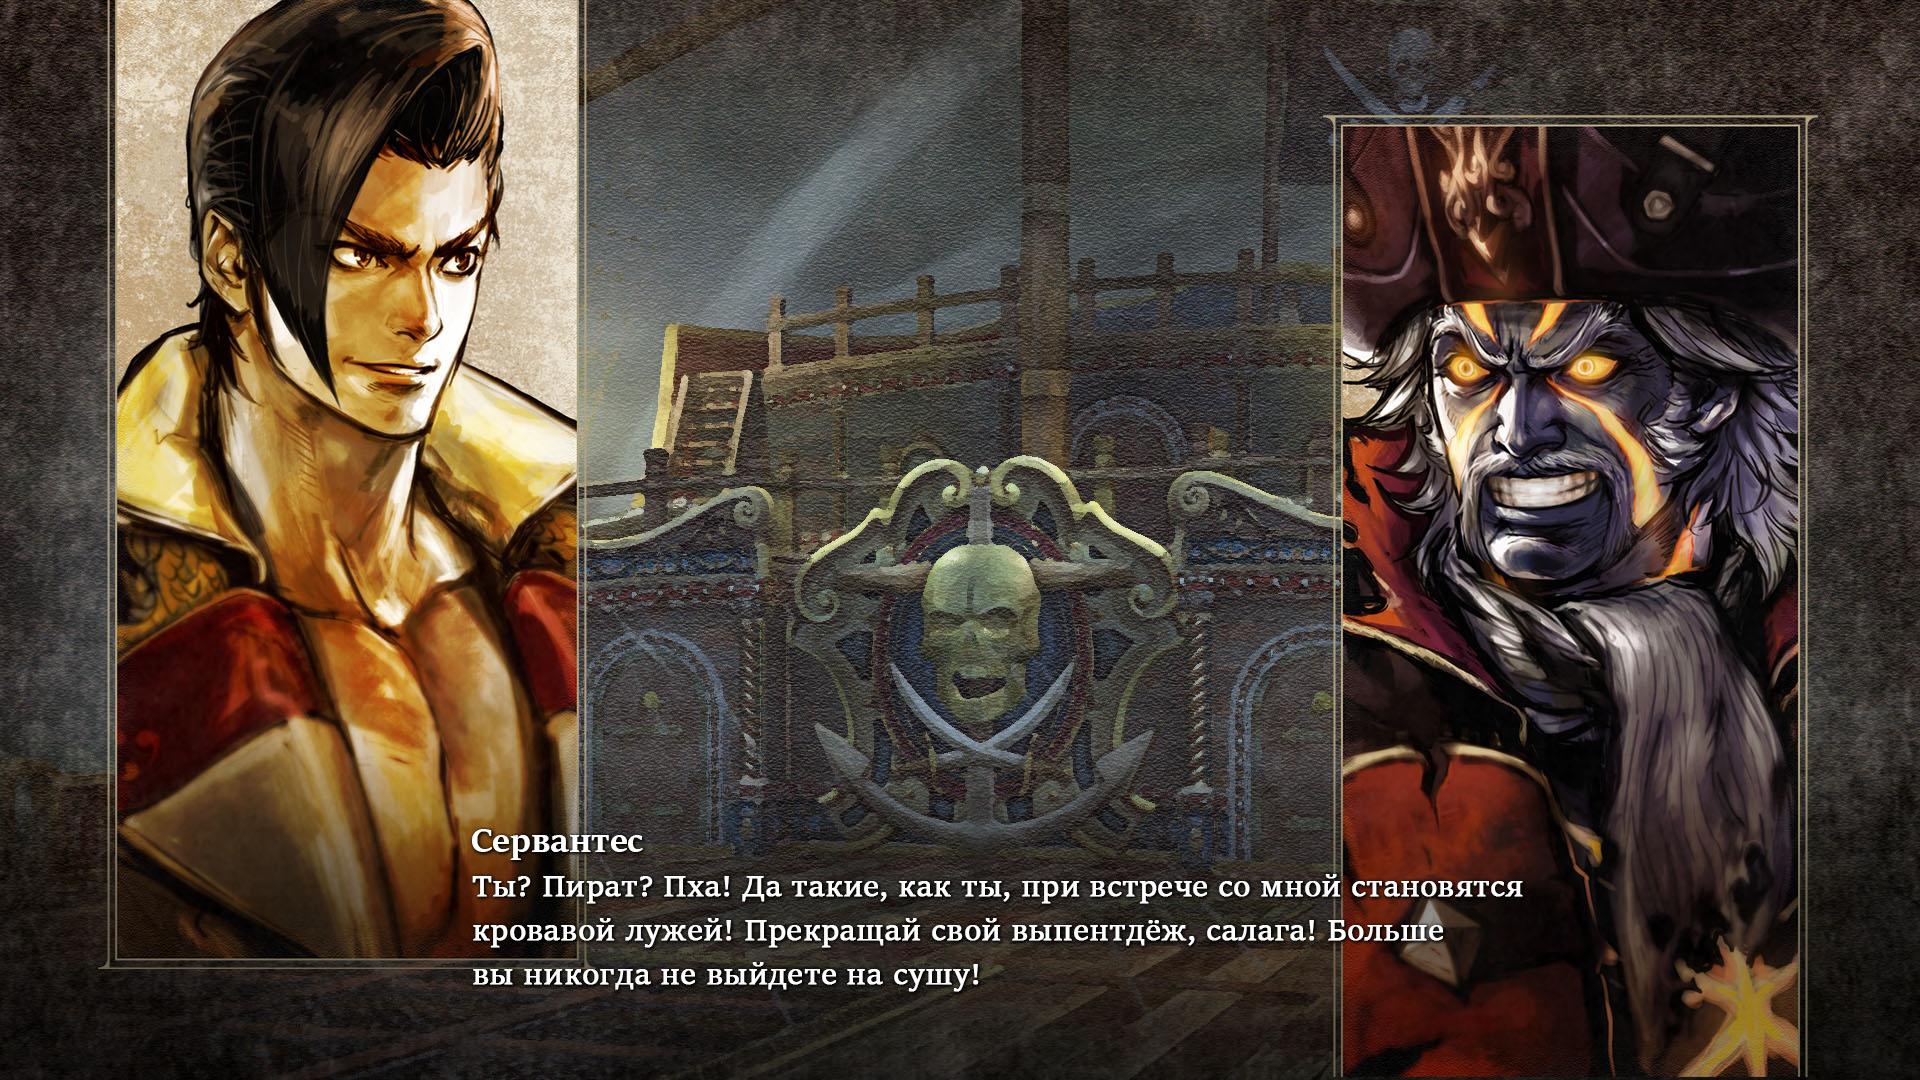 SCVI FAKE DIALOGUE Maxi Cervantes Русский язык.jpg